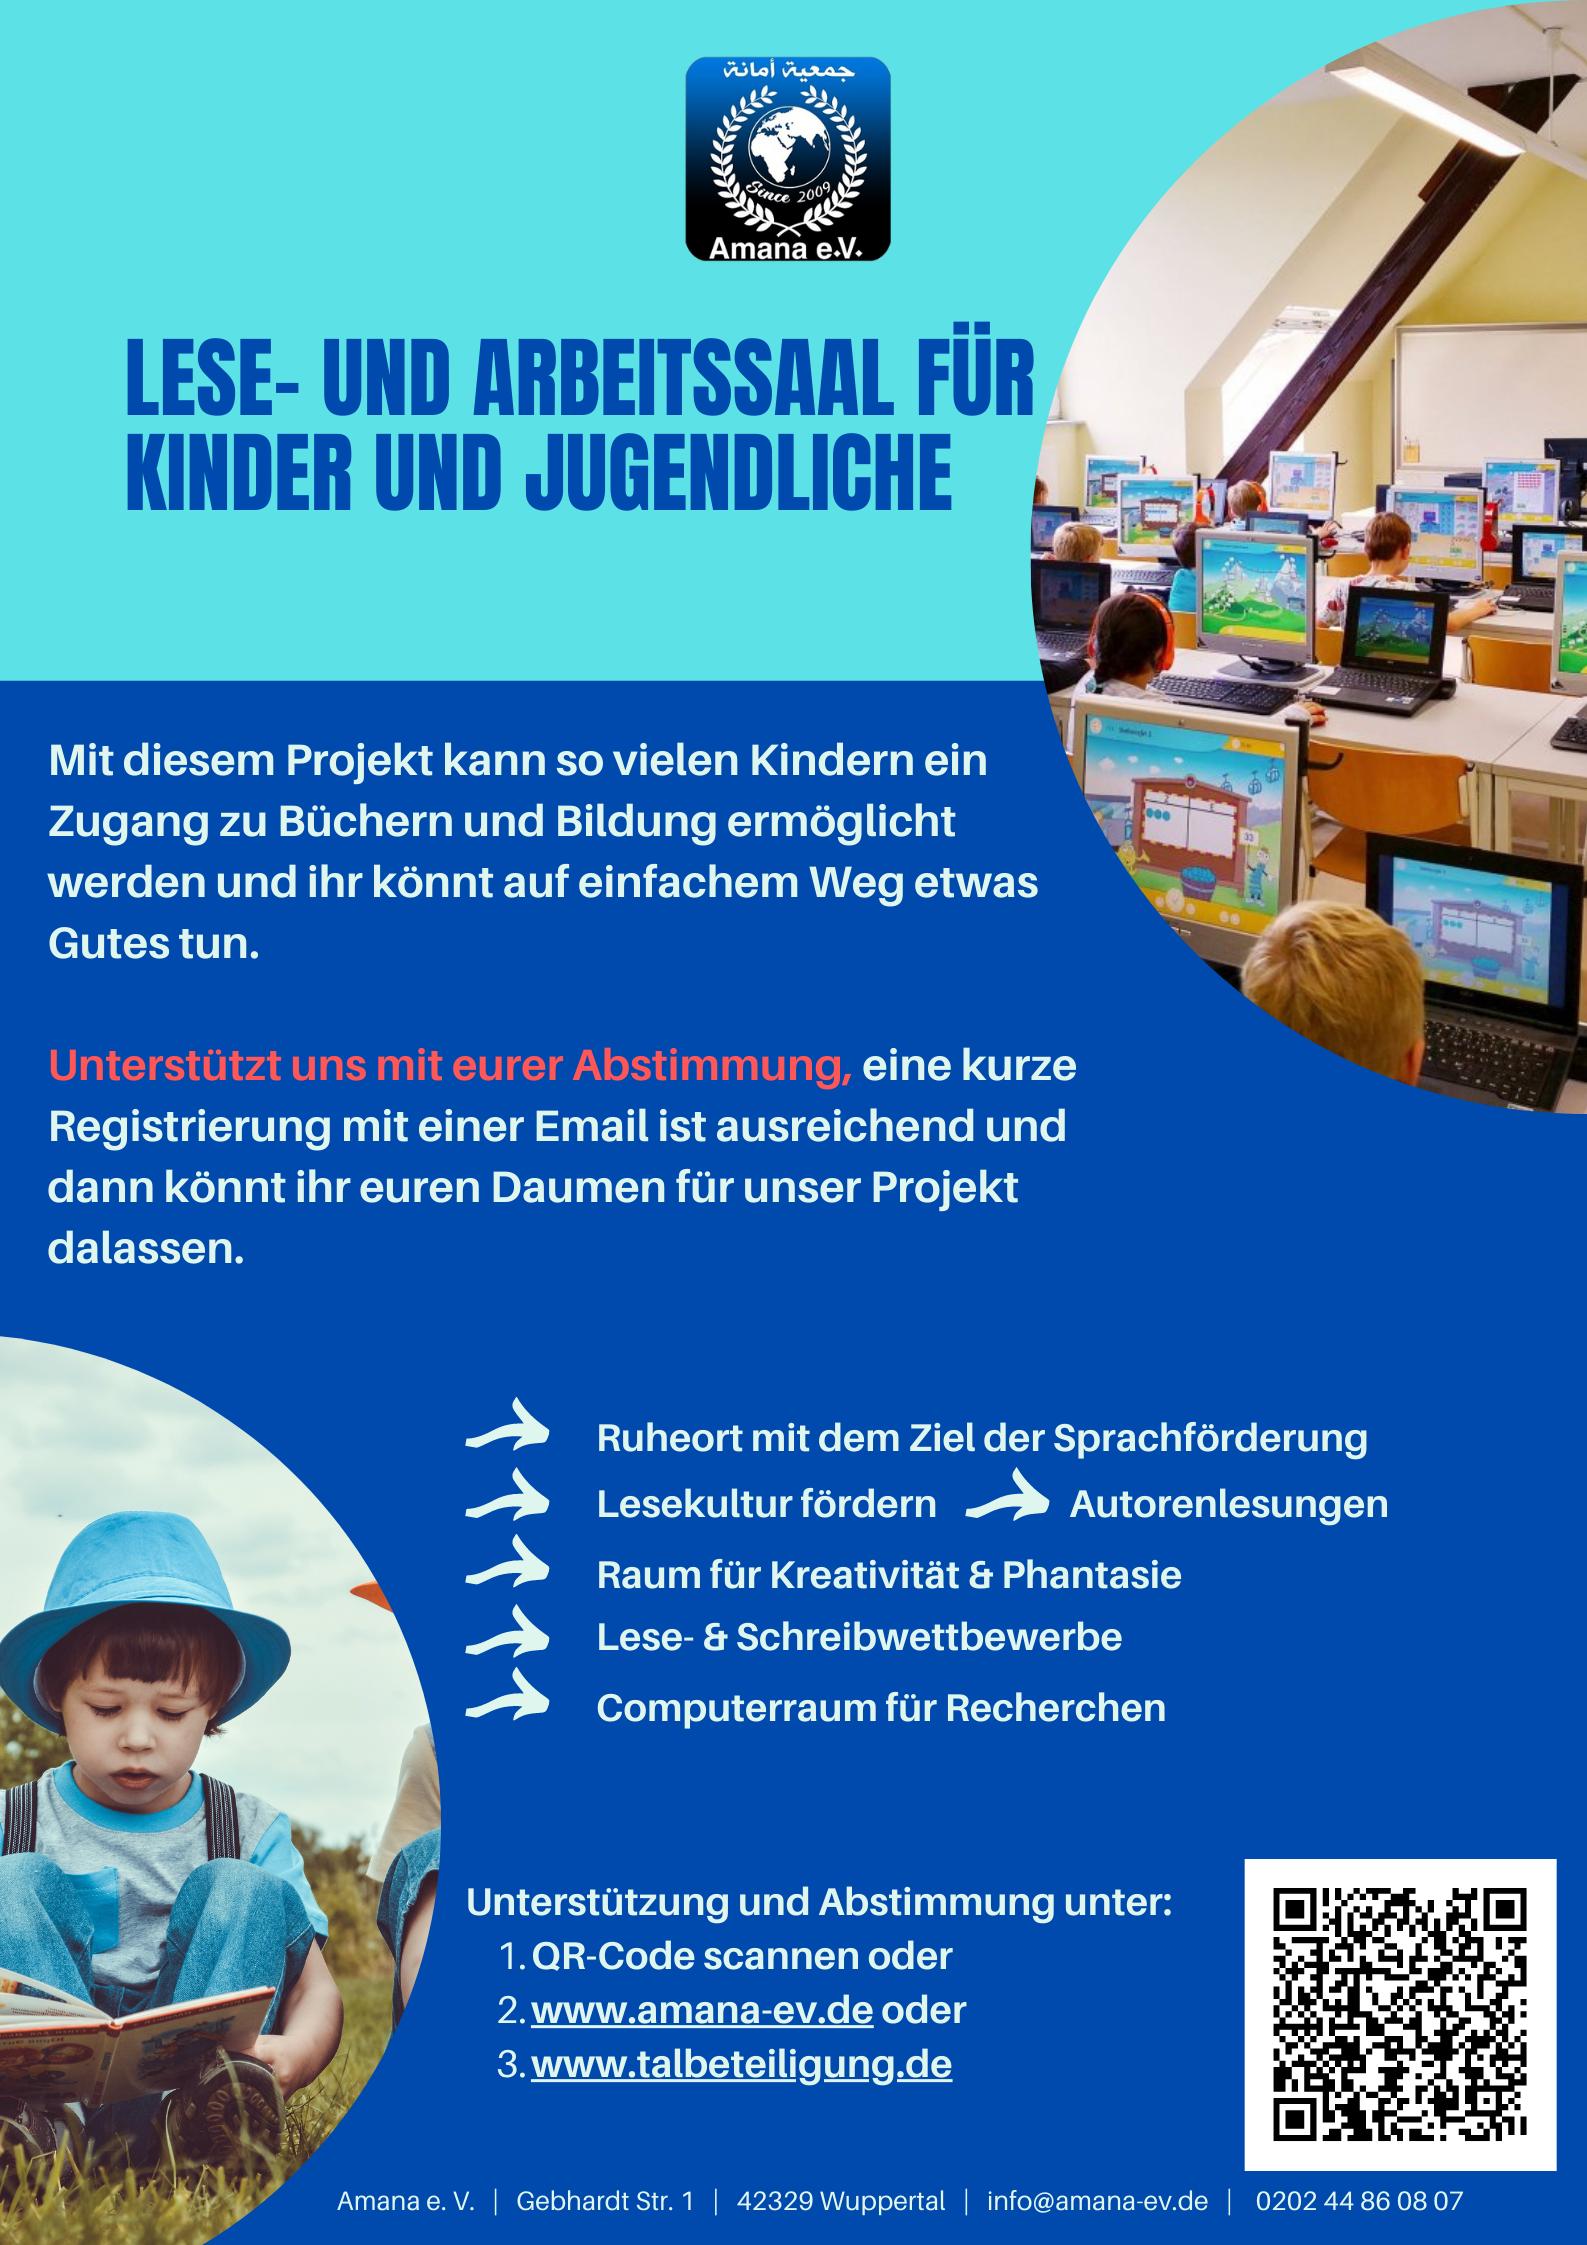 Lese- und Arbeitssaal für Kinder und Jugendliche